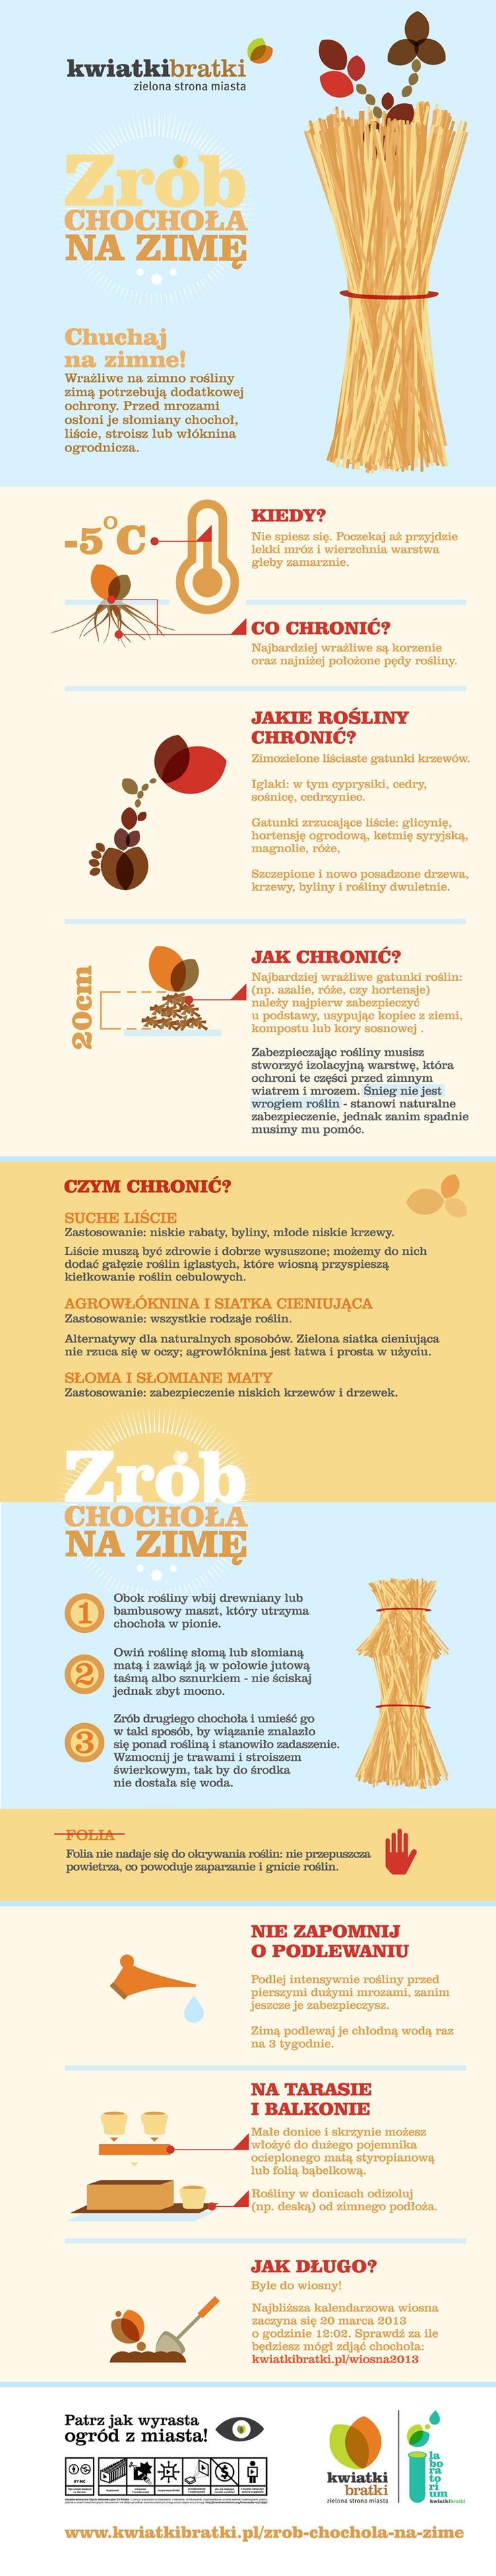 Zrób chochoła na zimę - infografika kwiatkibratki: http://kwiatkibratki.pl/zrob-chochola-na-zime/